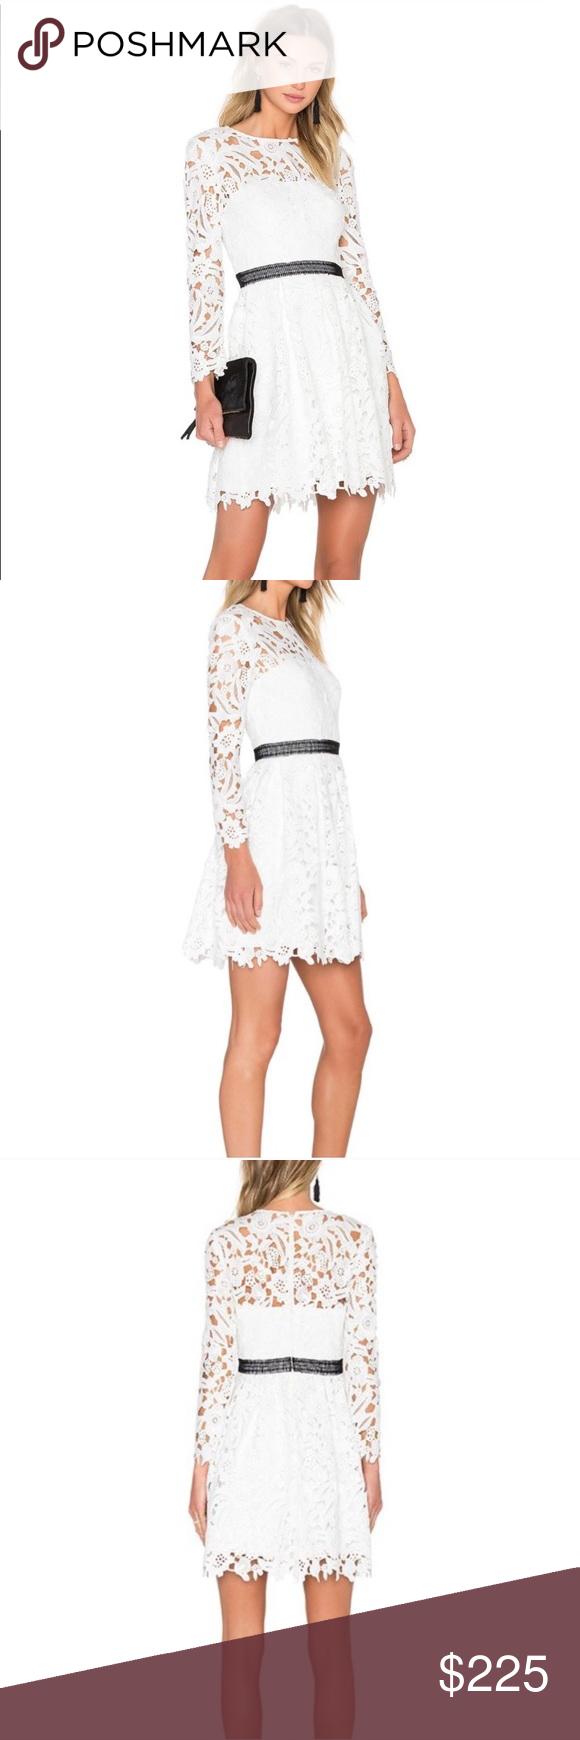 931dcd0918 NWT Cynthia Rowley Wildflower Fit + Flare Dress Cynthia Rowley ...